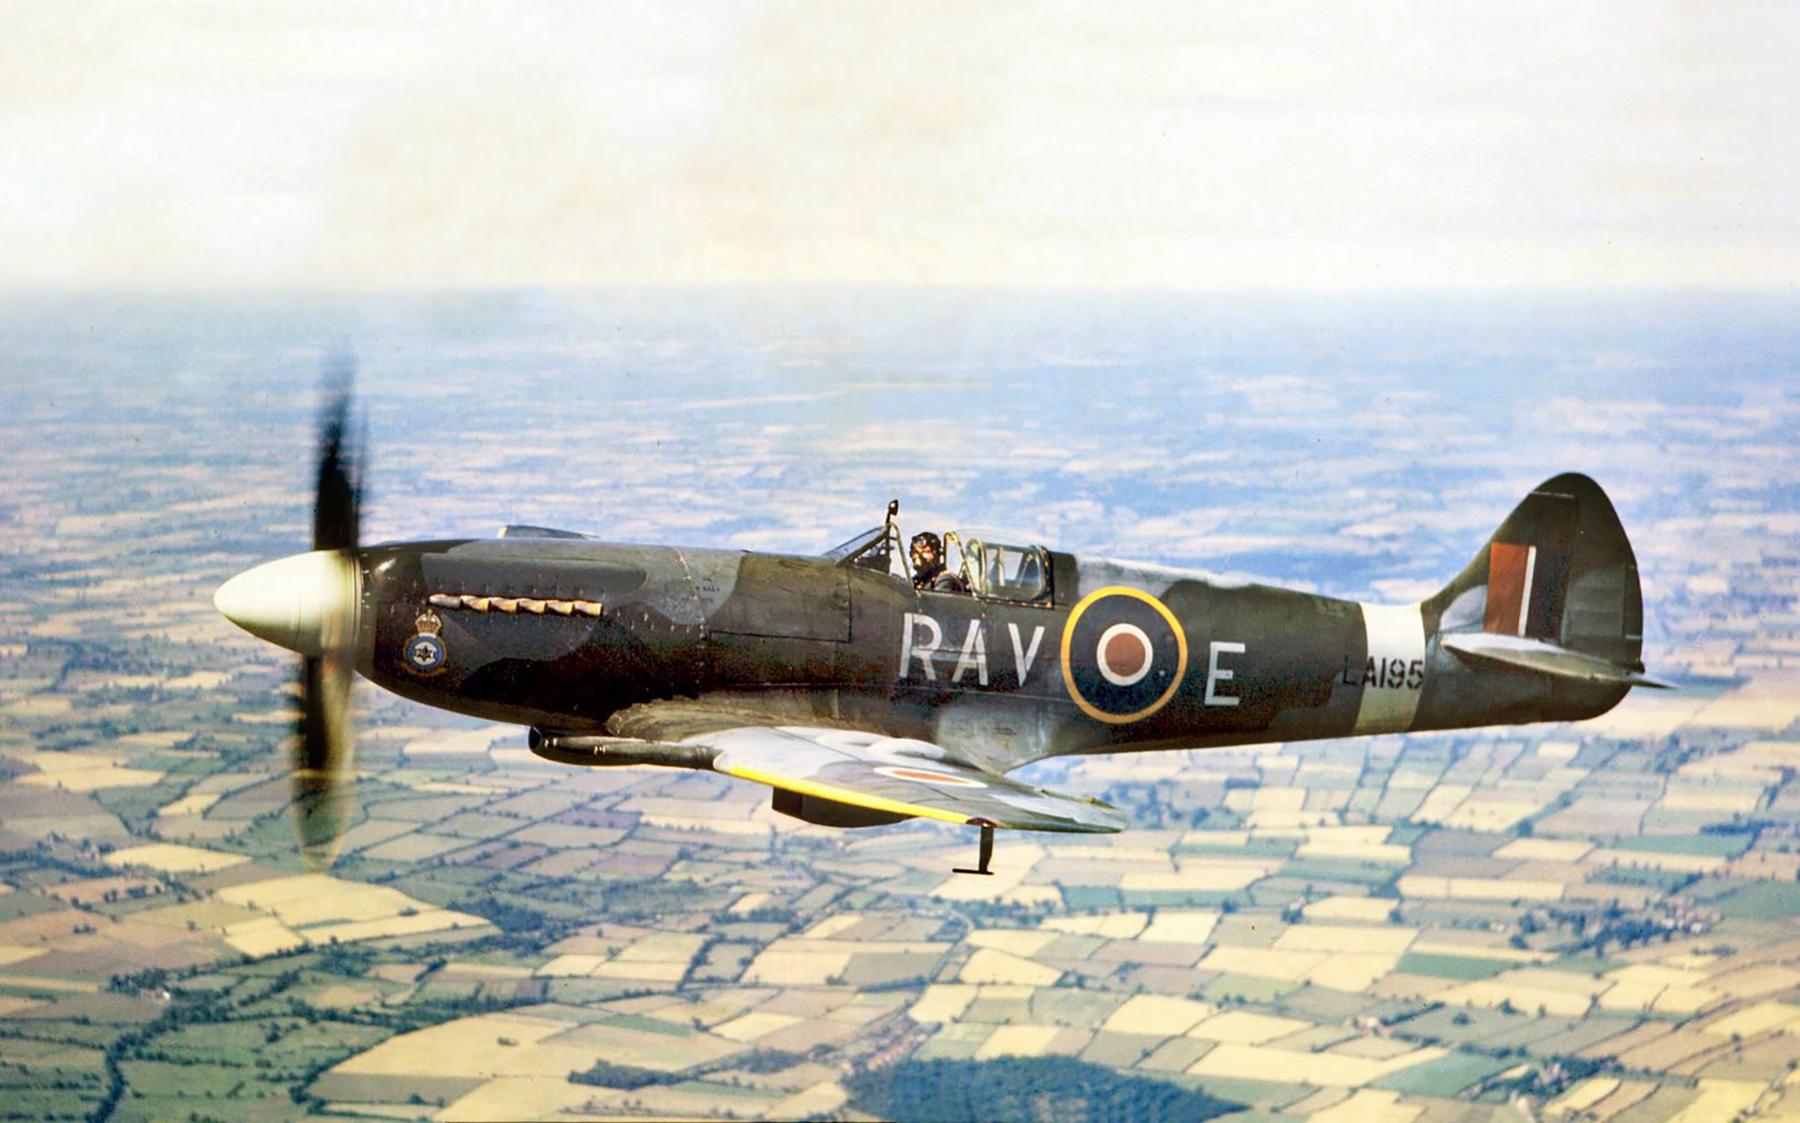 Spitfire F21 RAF 615Sqn LA195 RAVE Biggin Hill 1946 01